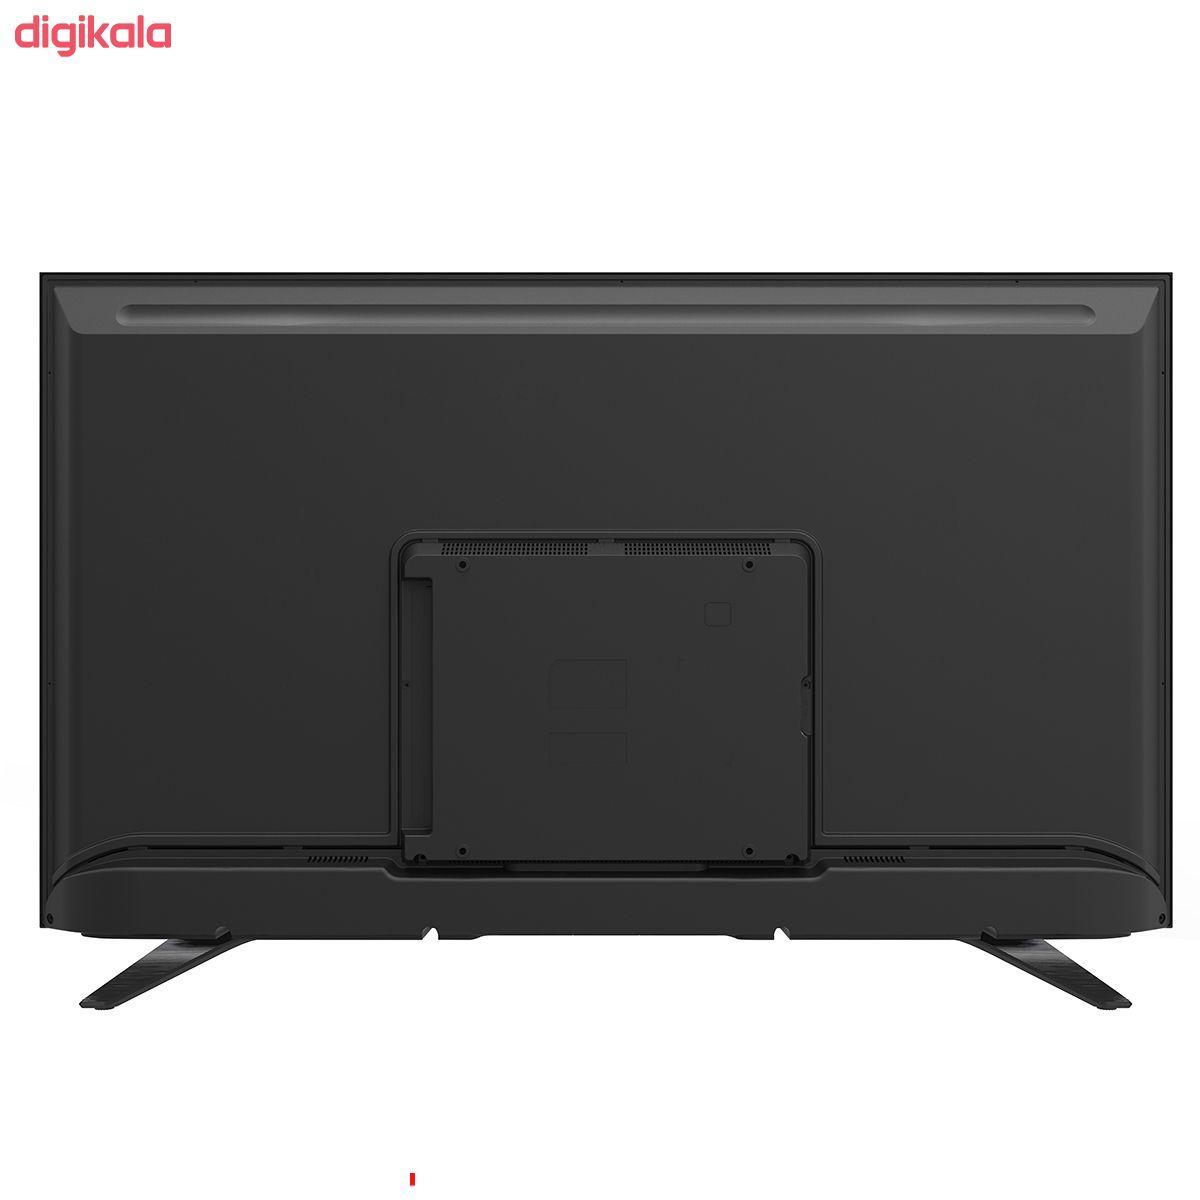 تلویزیون ال ای دی ایکس ویژن مدل 55XT540 سایز 55 اینچ main 1 9